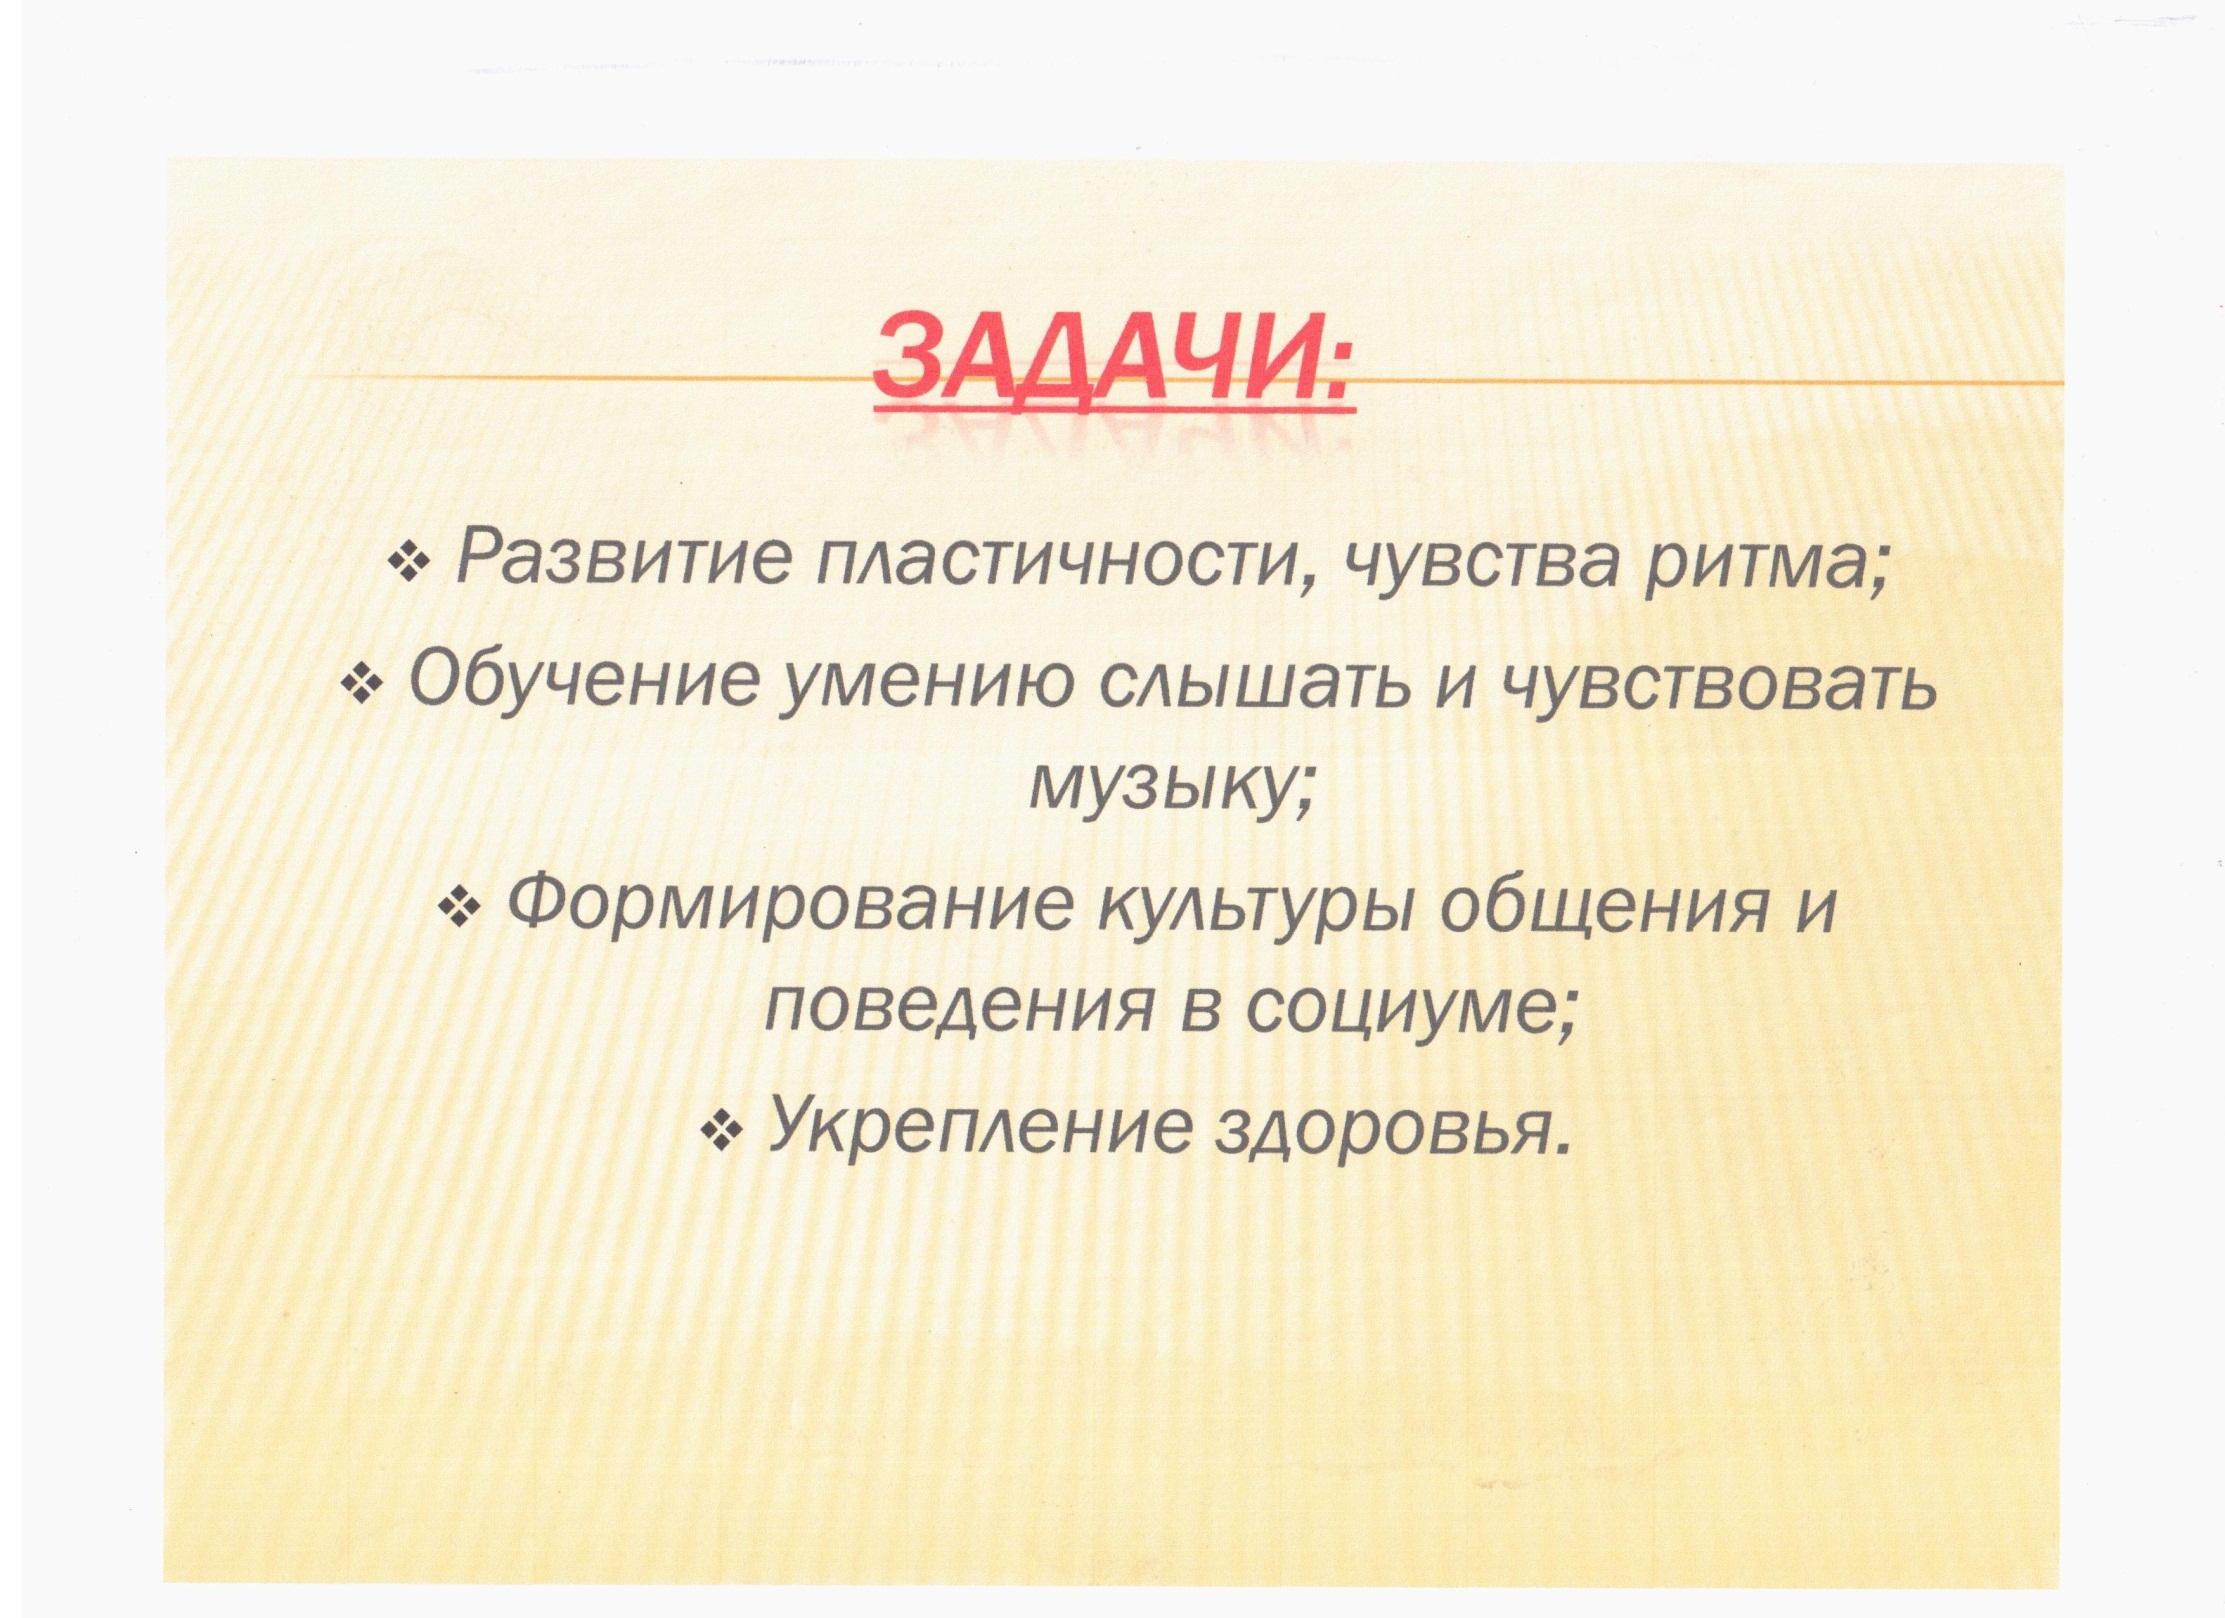 C:\Users\Администратор\Documents\аттестация\доклад мир танца\а5.jpeg